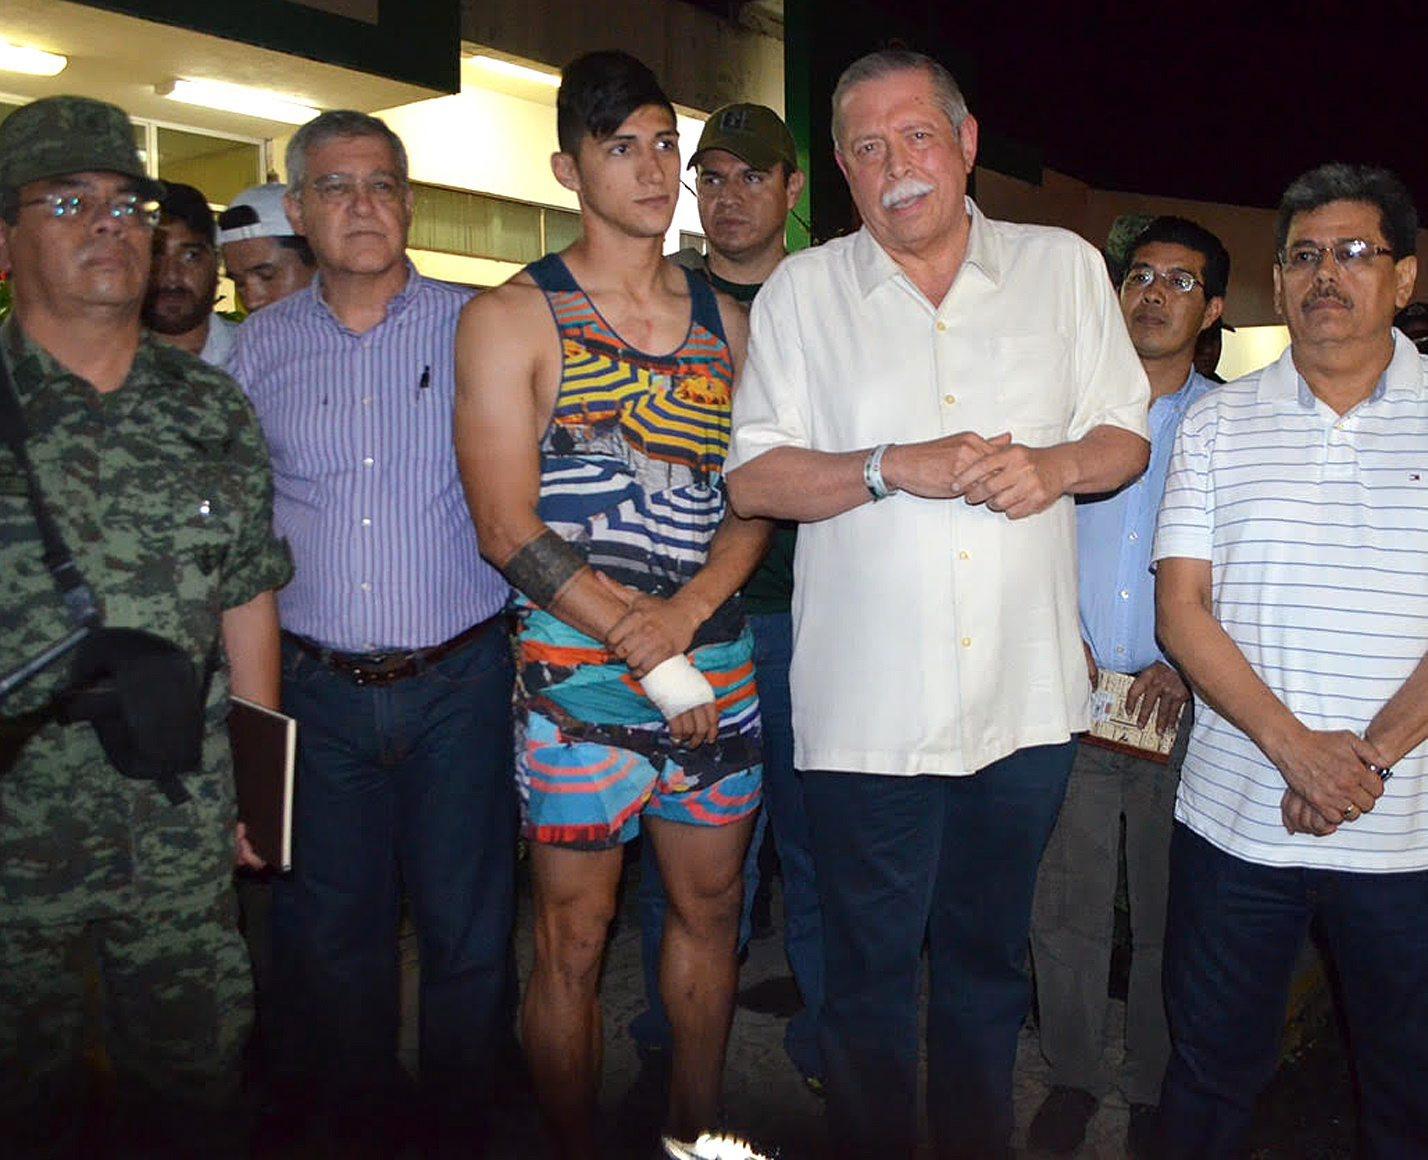 Un membru al familiei a aranjat rapirea lui Alan Pulido. Fotbalistul, eliberat dupa ce i-a furat mobilul unui agresor